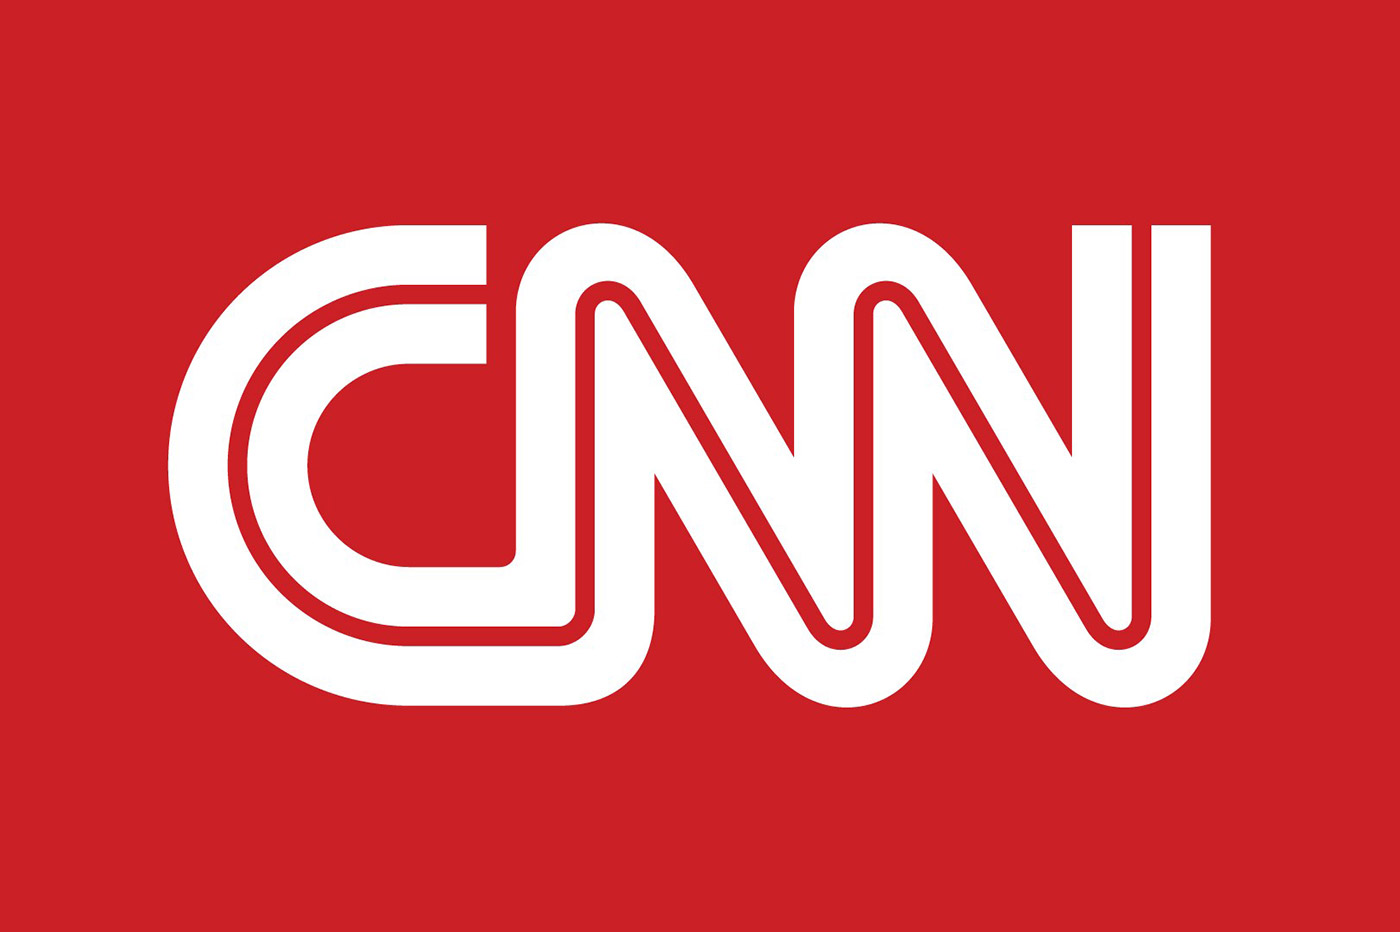 cnn-logo-white-on-red.jpg